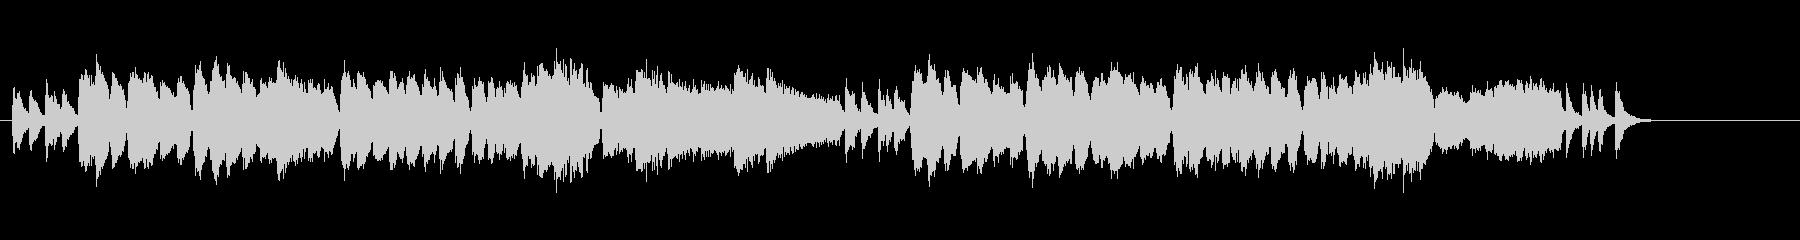 オリエンタルなポップ・ミュージックの未再生の波形